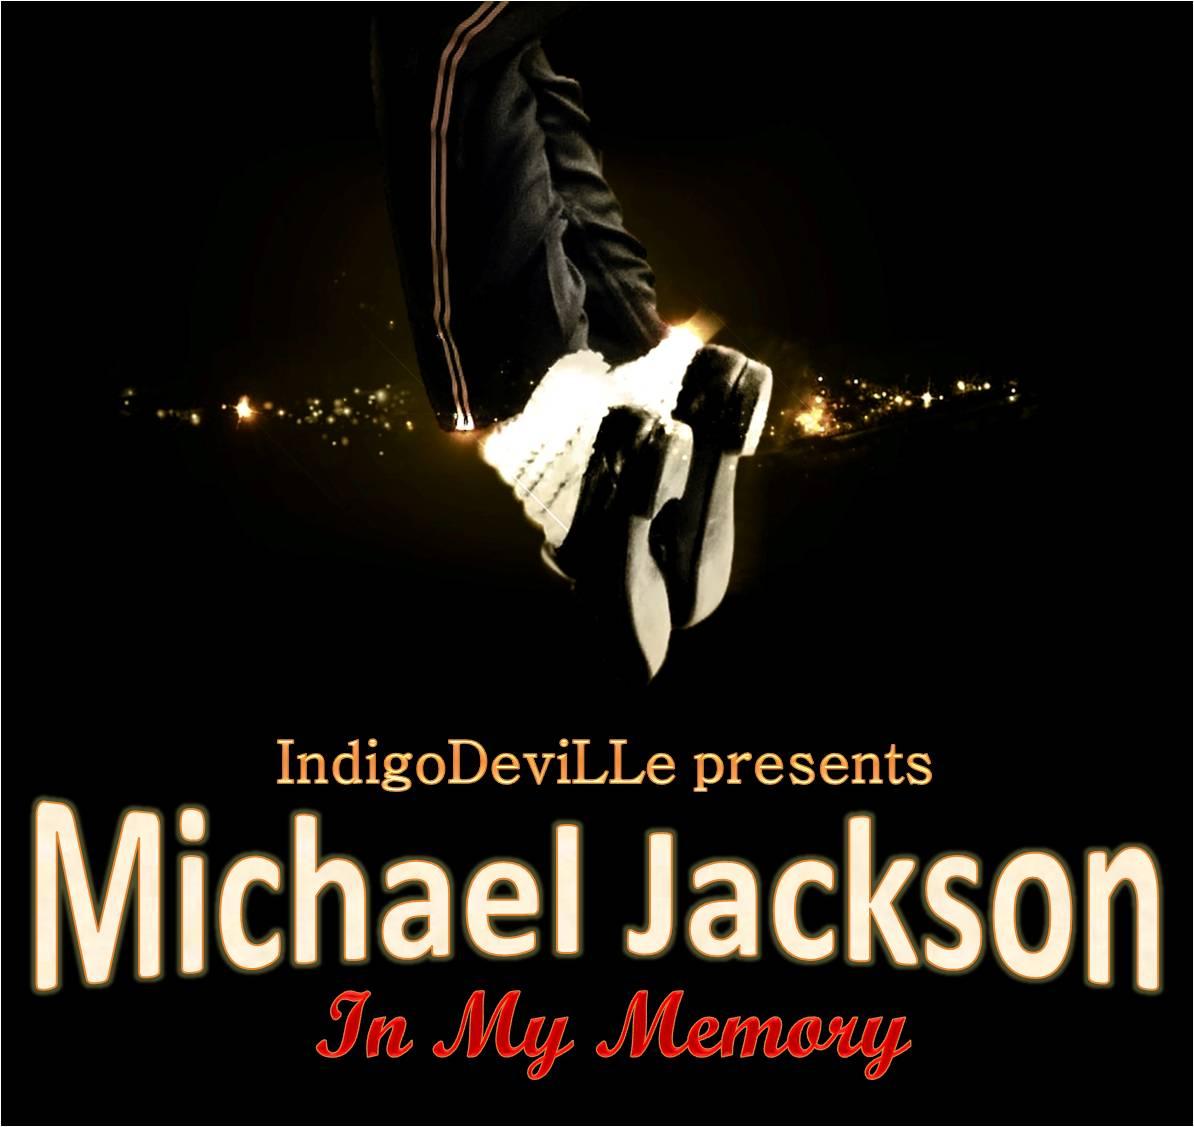 http://4.bp.blogspot.com/_jGUU3qB-E1E/SwEZ6MM8RXI/AAAAAAAAATg/D5l3CB9J29w/s1600/Michael+Jackson+-+In+My+Memory.jpg